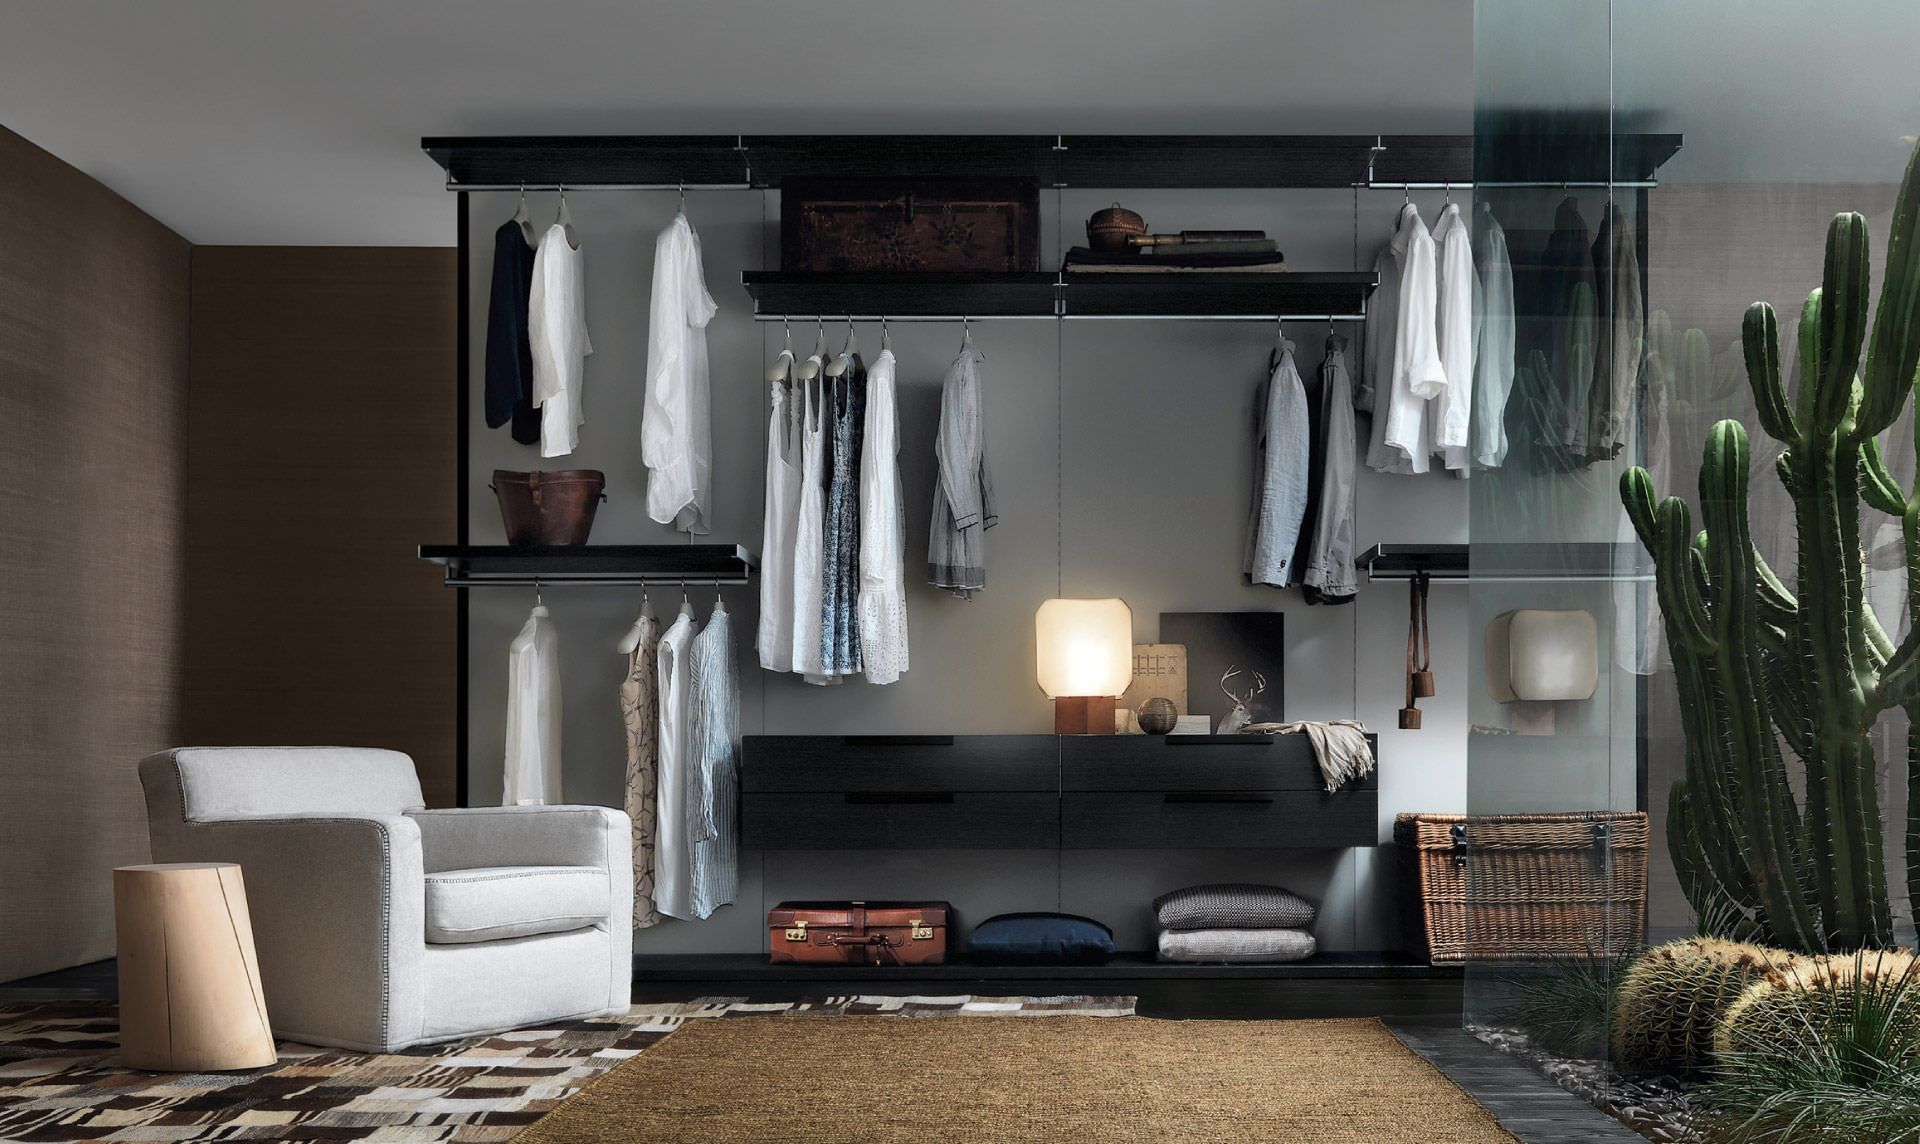 Kleiderschrank modern  Begehbarer -Kleiderschrank / modern JESSE | Home_Walk-inWardrobe ...